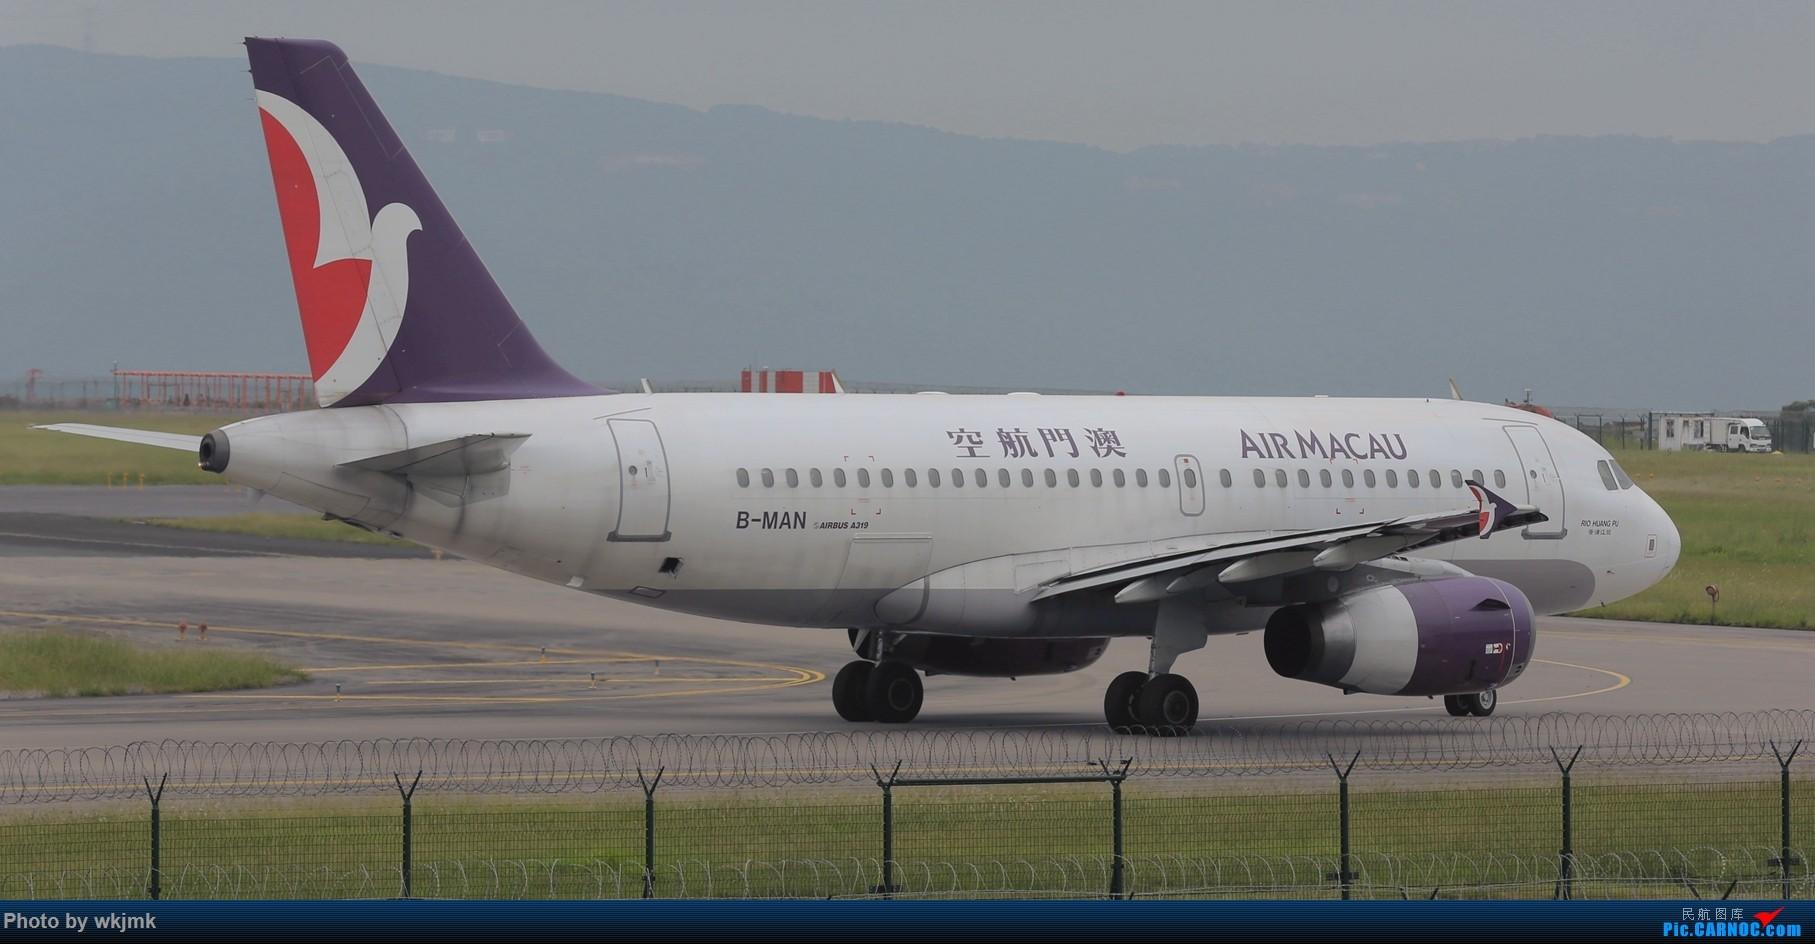 Re:[原创]西宁,成都,重庆三地拍机 AIRBUS A319-100 B-MAN 中国重庆江北国际机场